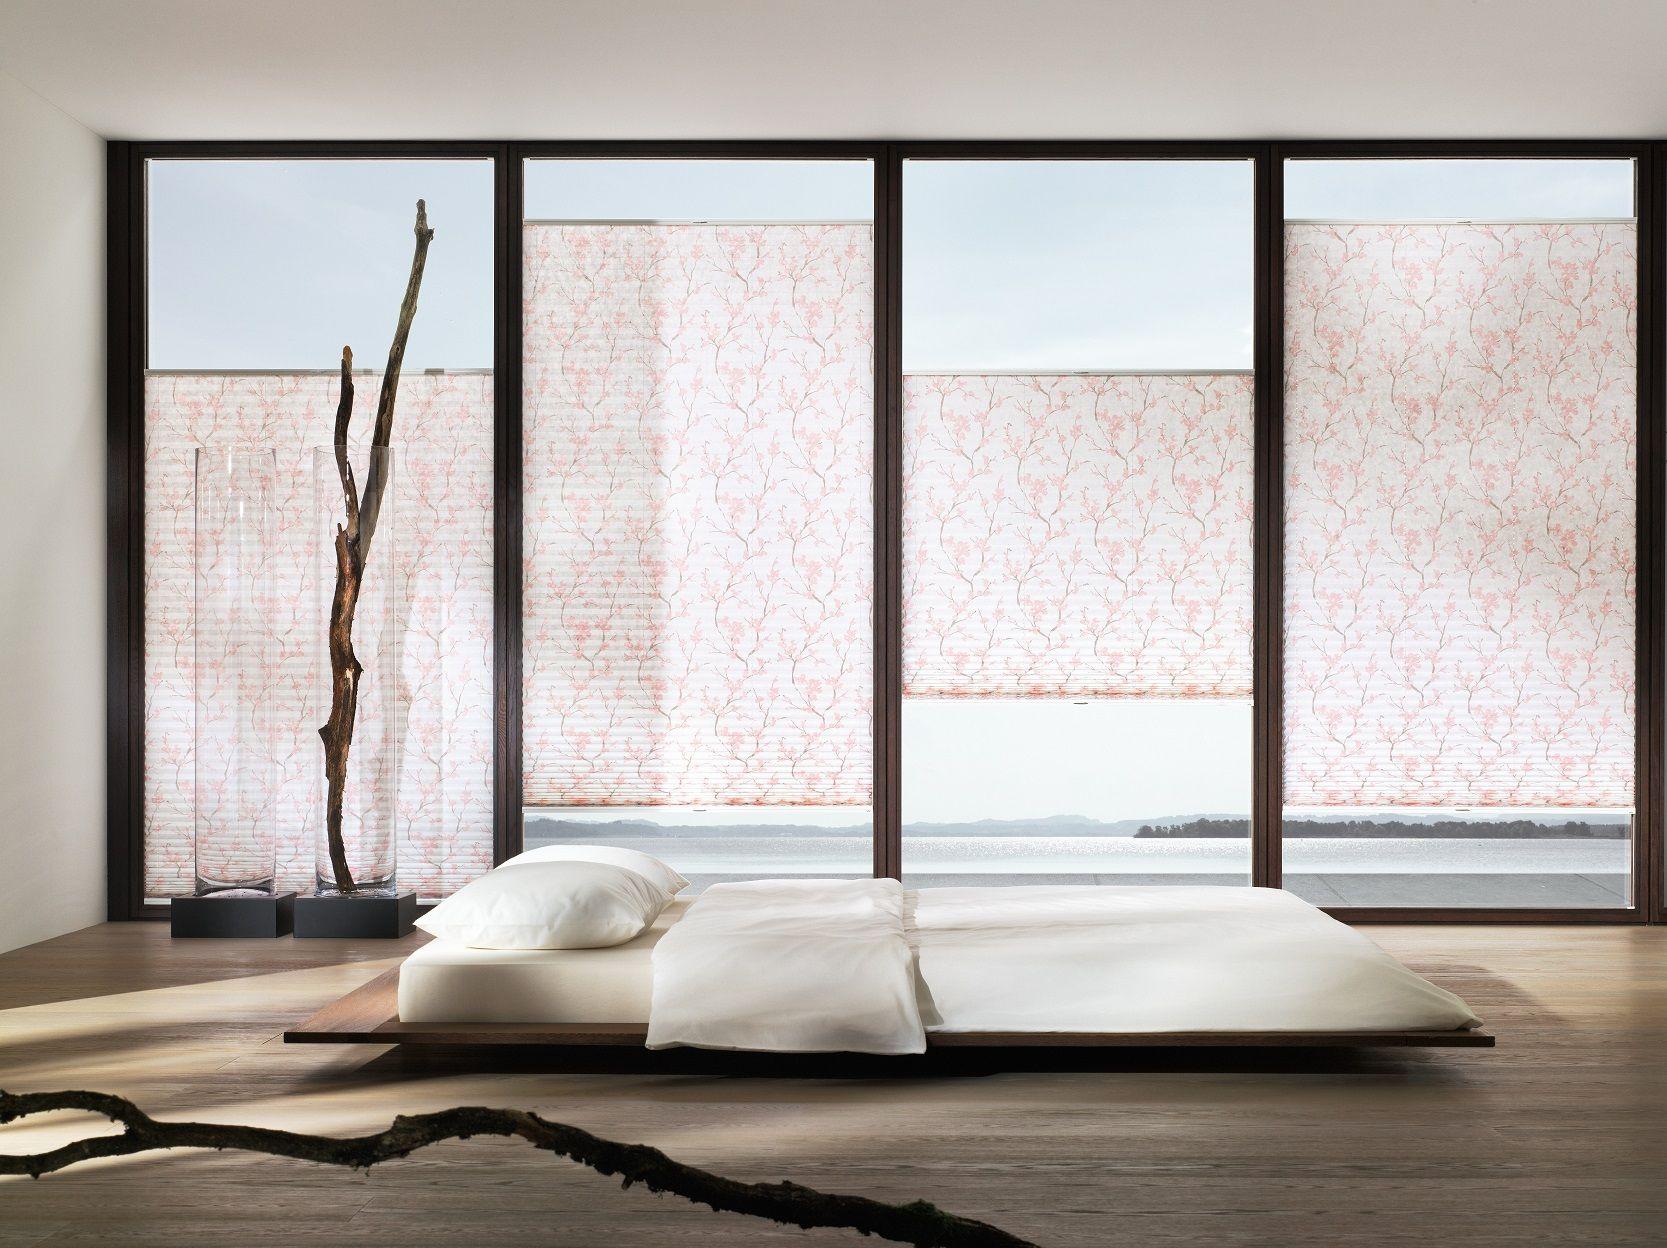 Schlafzimmer fenster beschlagen welche bettdecken sind im winter am besten d nisches - Fenster beschlagen ...